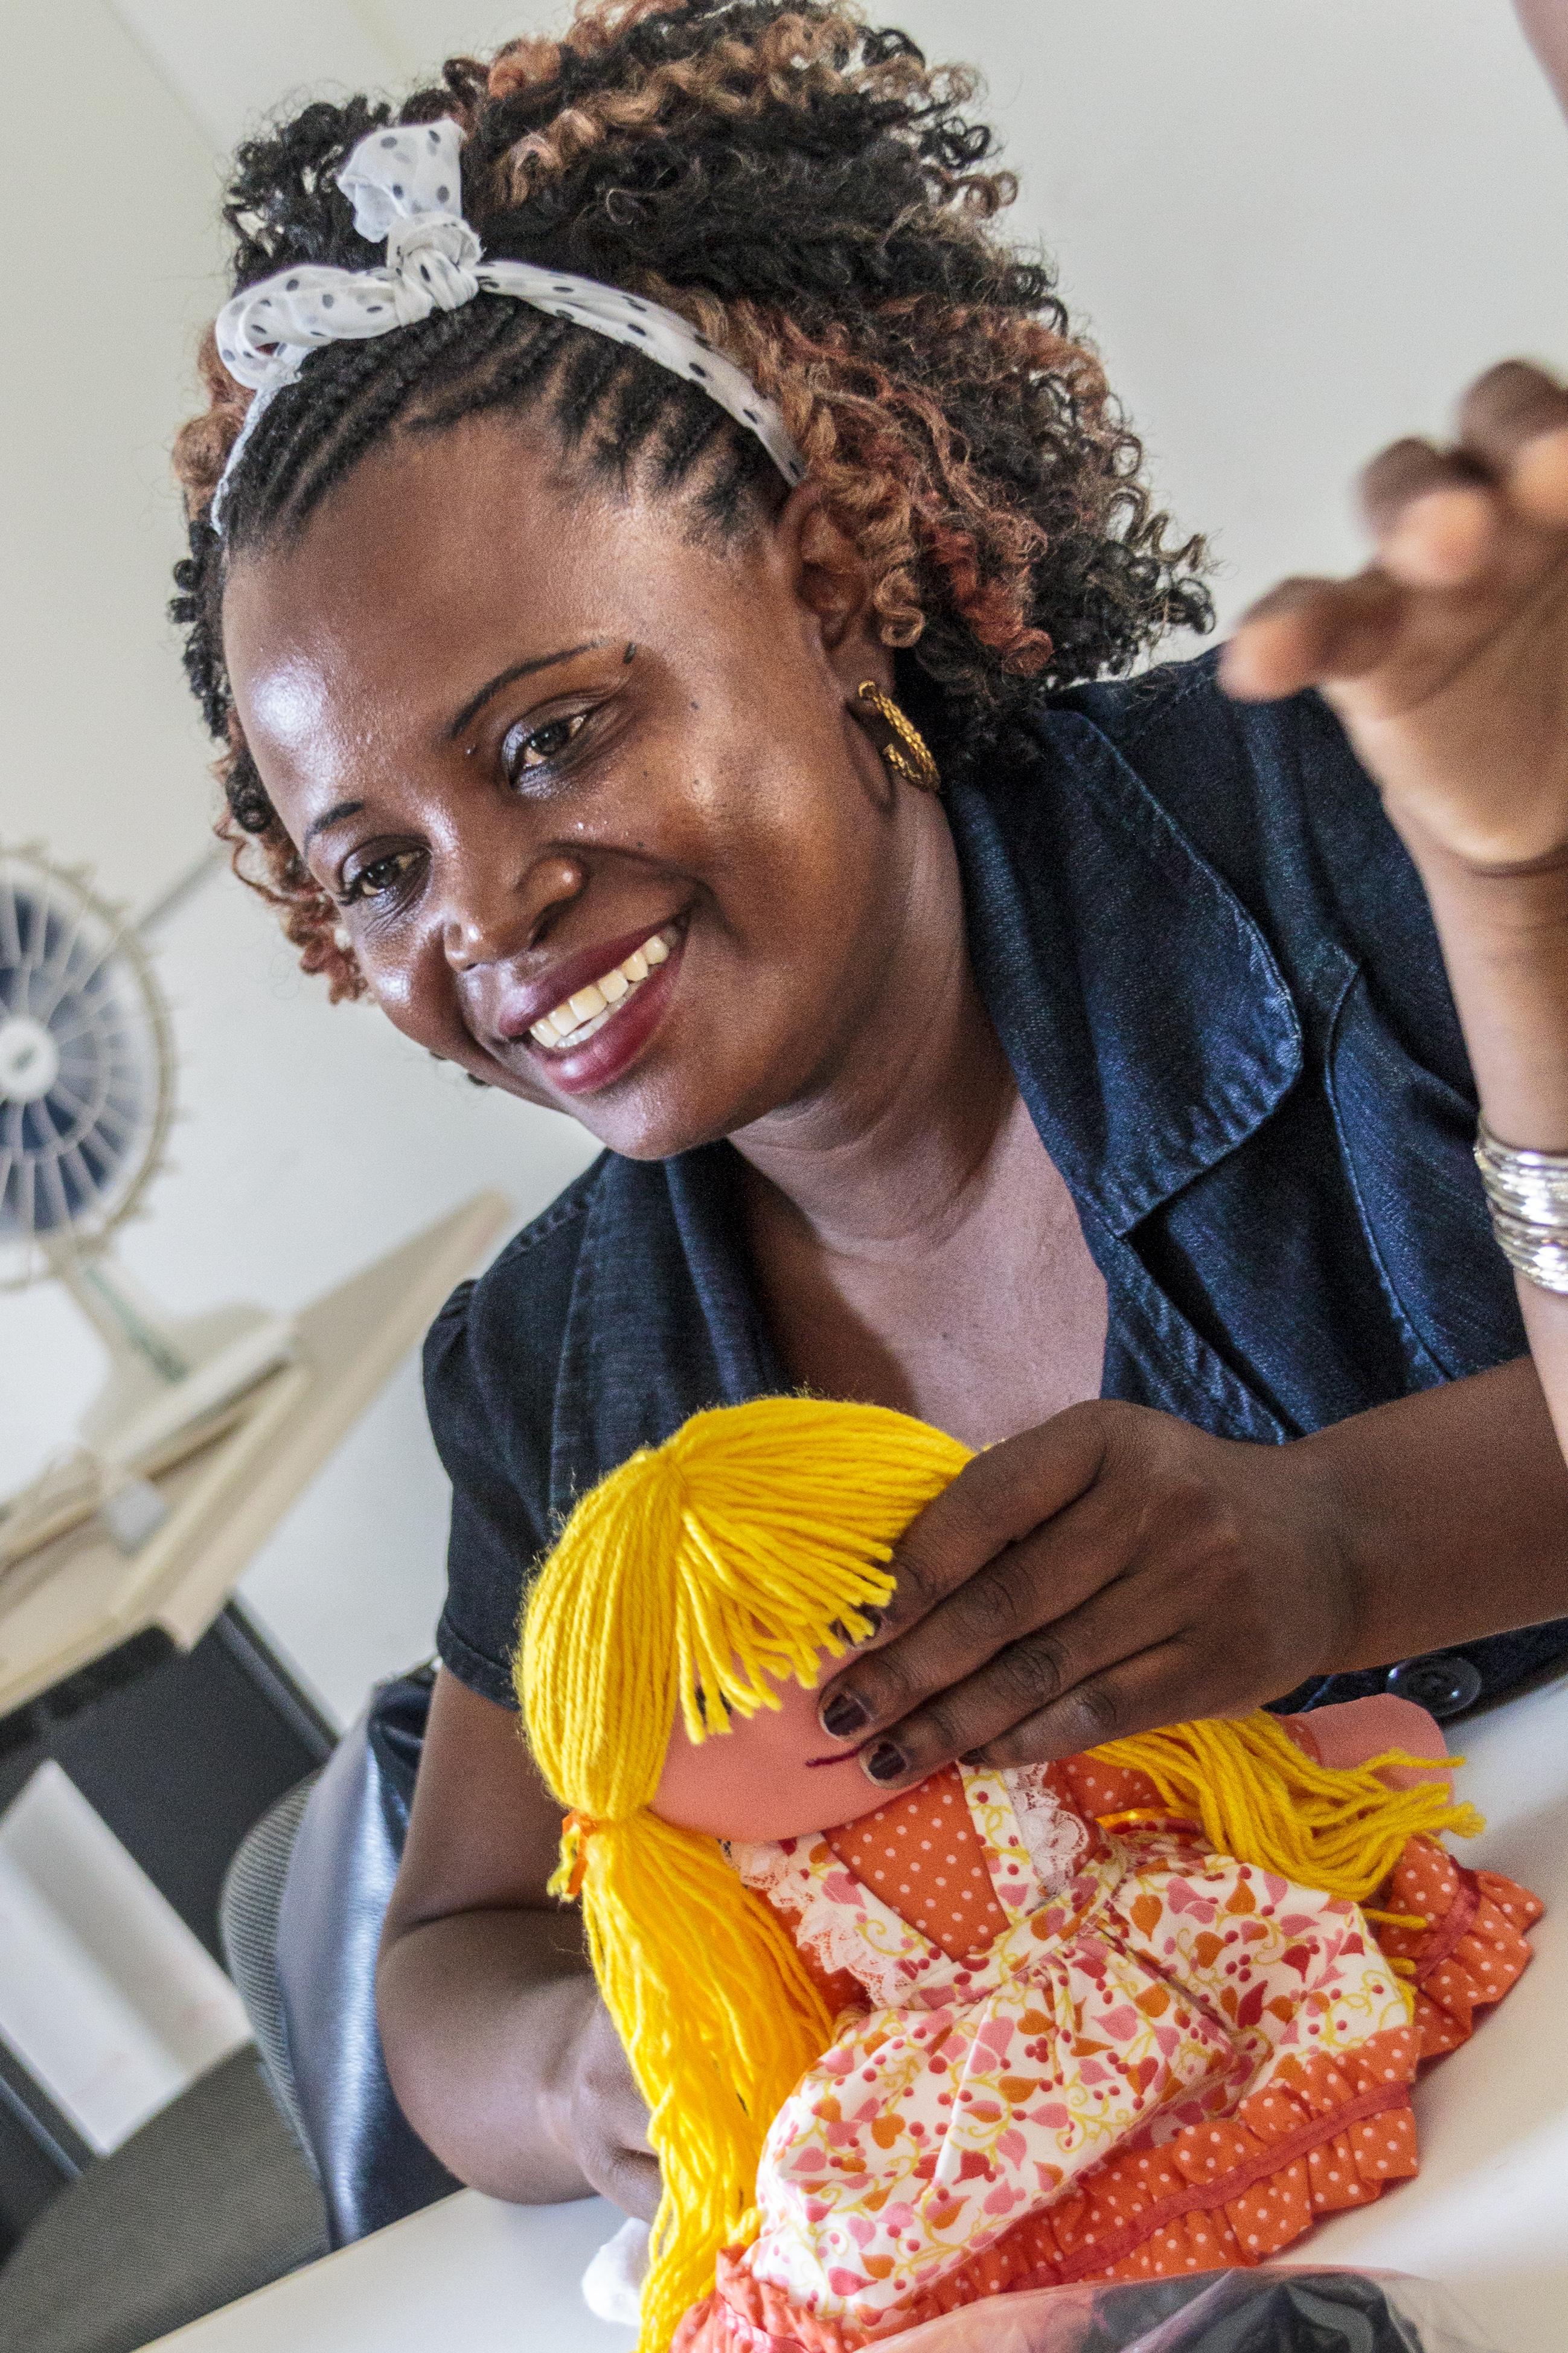 Foto de uma mulher negra, com cabelos crespos e longos presos por uma faixa branca. Ela está segurando uma boneca de pano e sorri